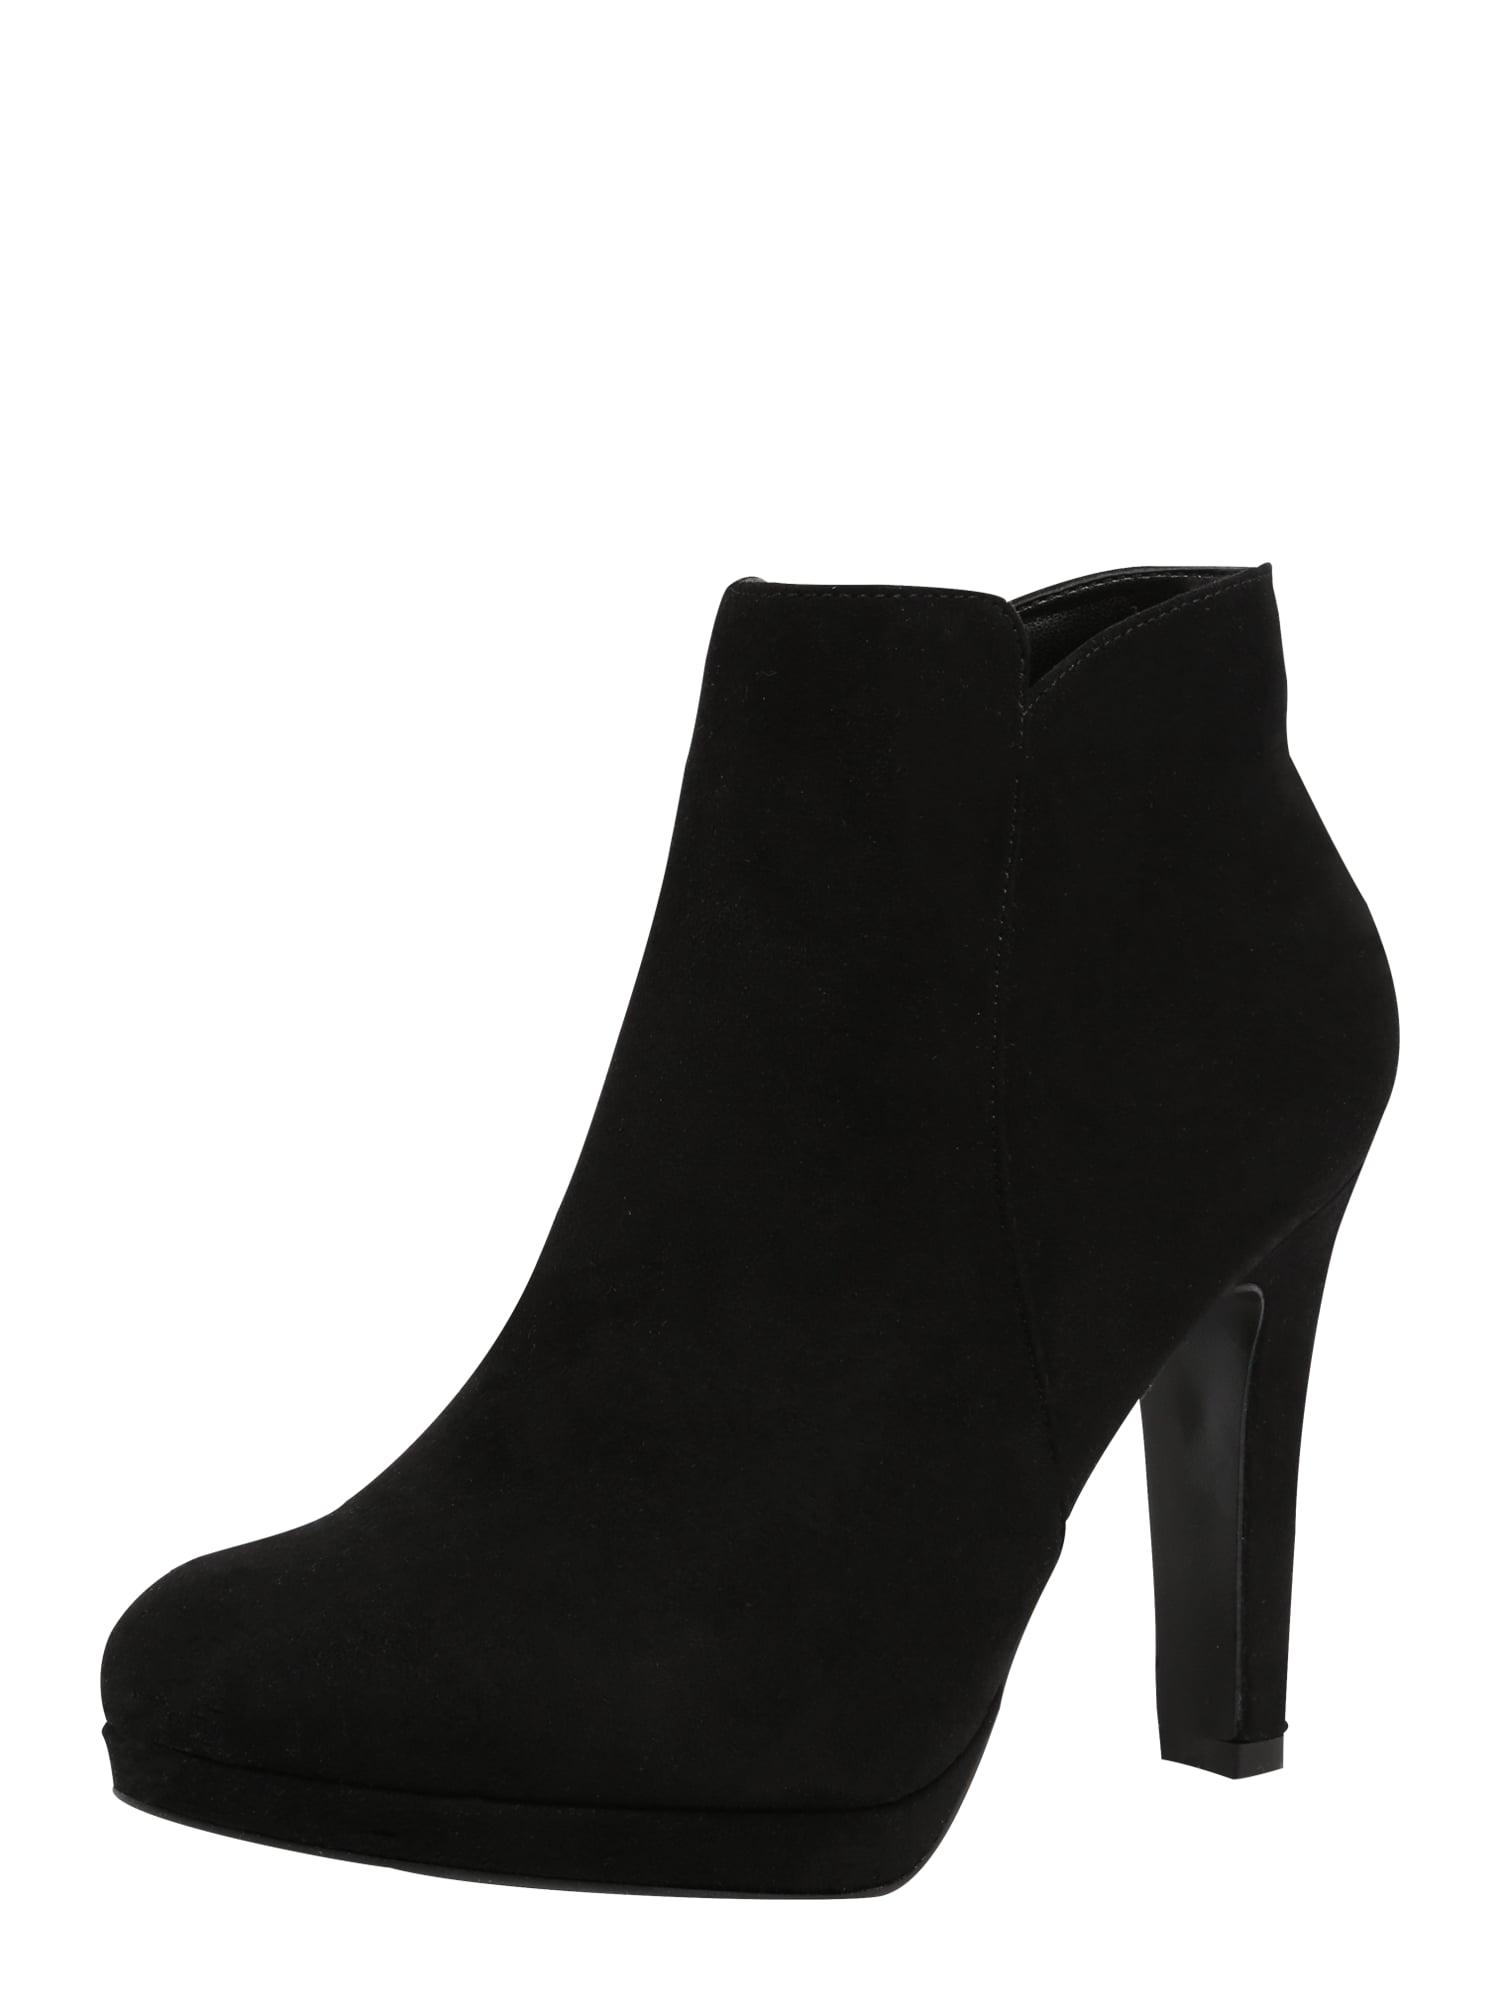 Kotníkové boty Adriana černá ABOUT YOU